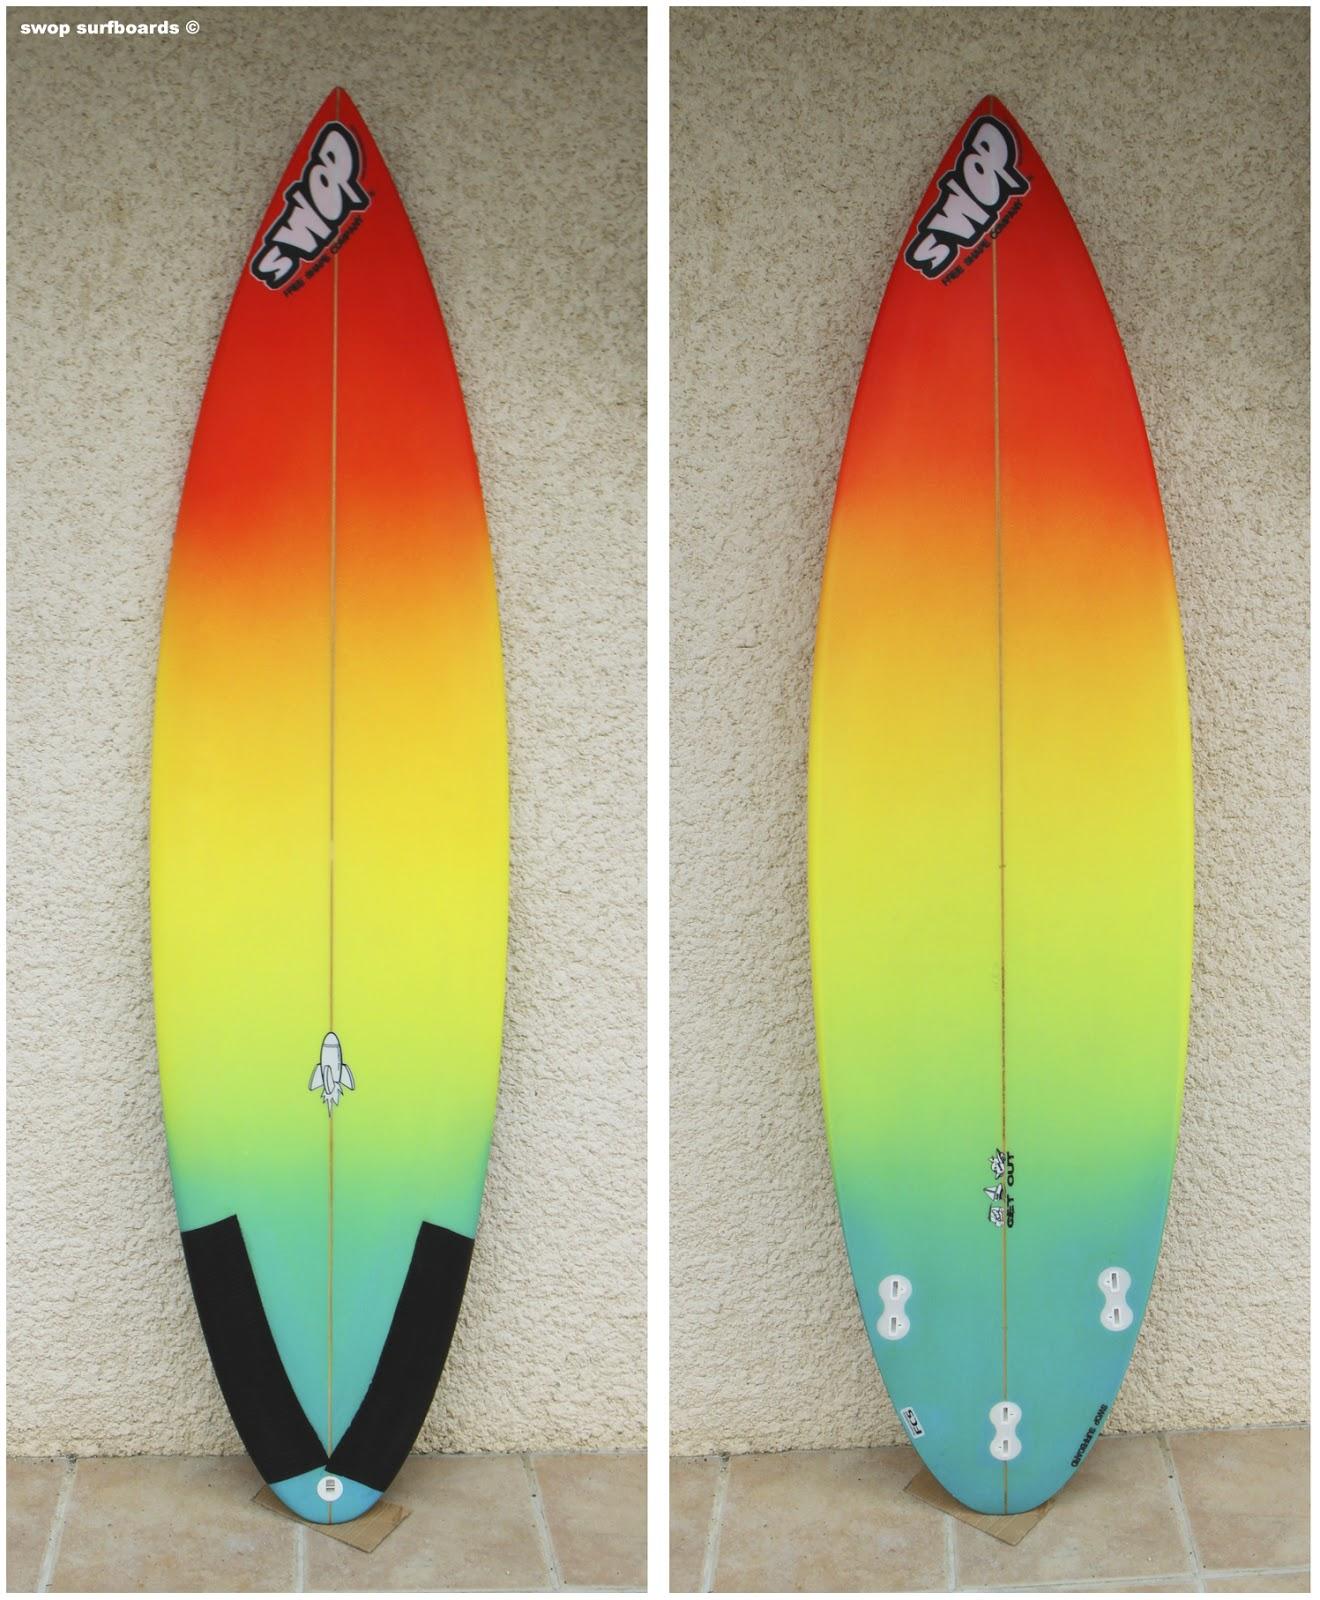 Swop surfboards rainbow shortboard for Deco planche de surf